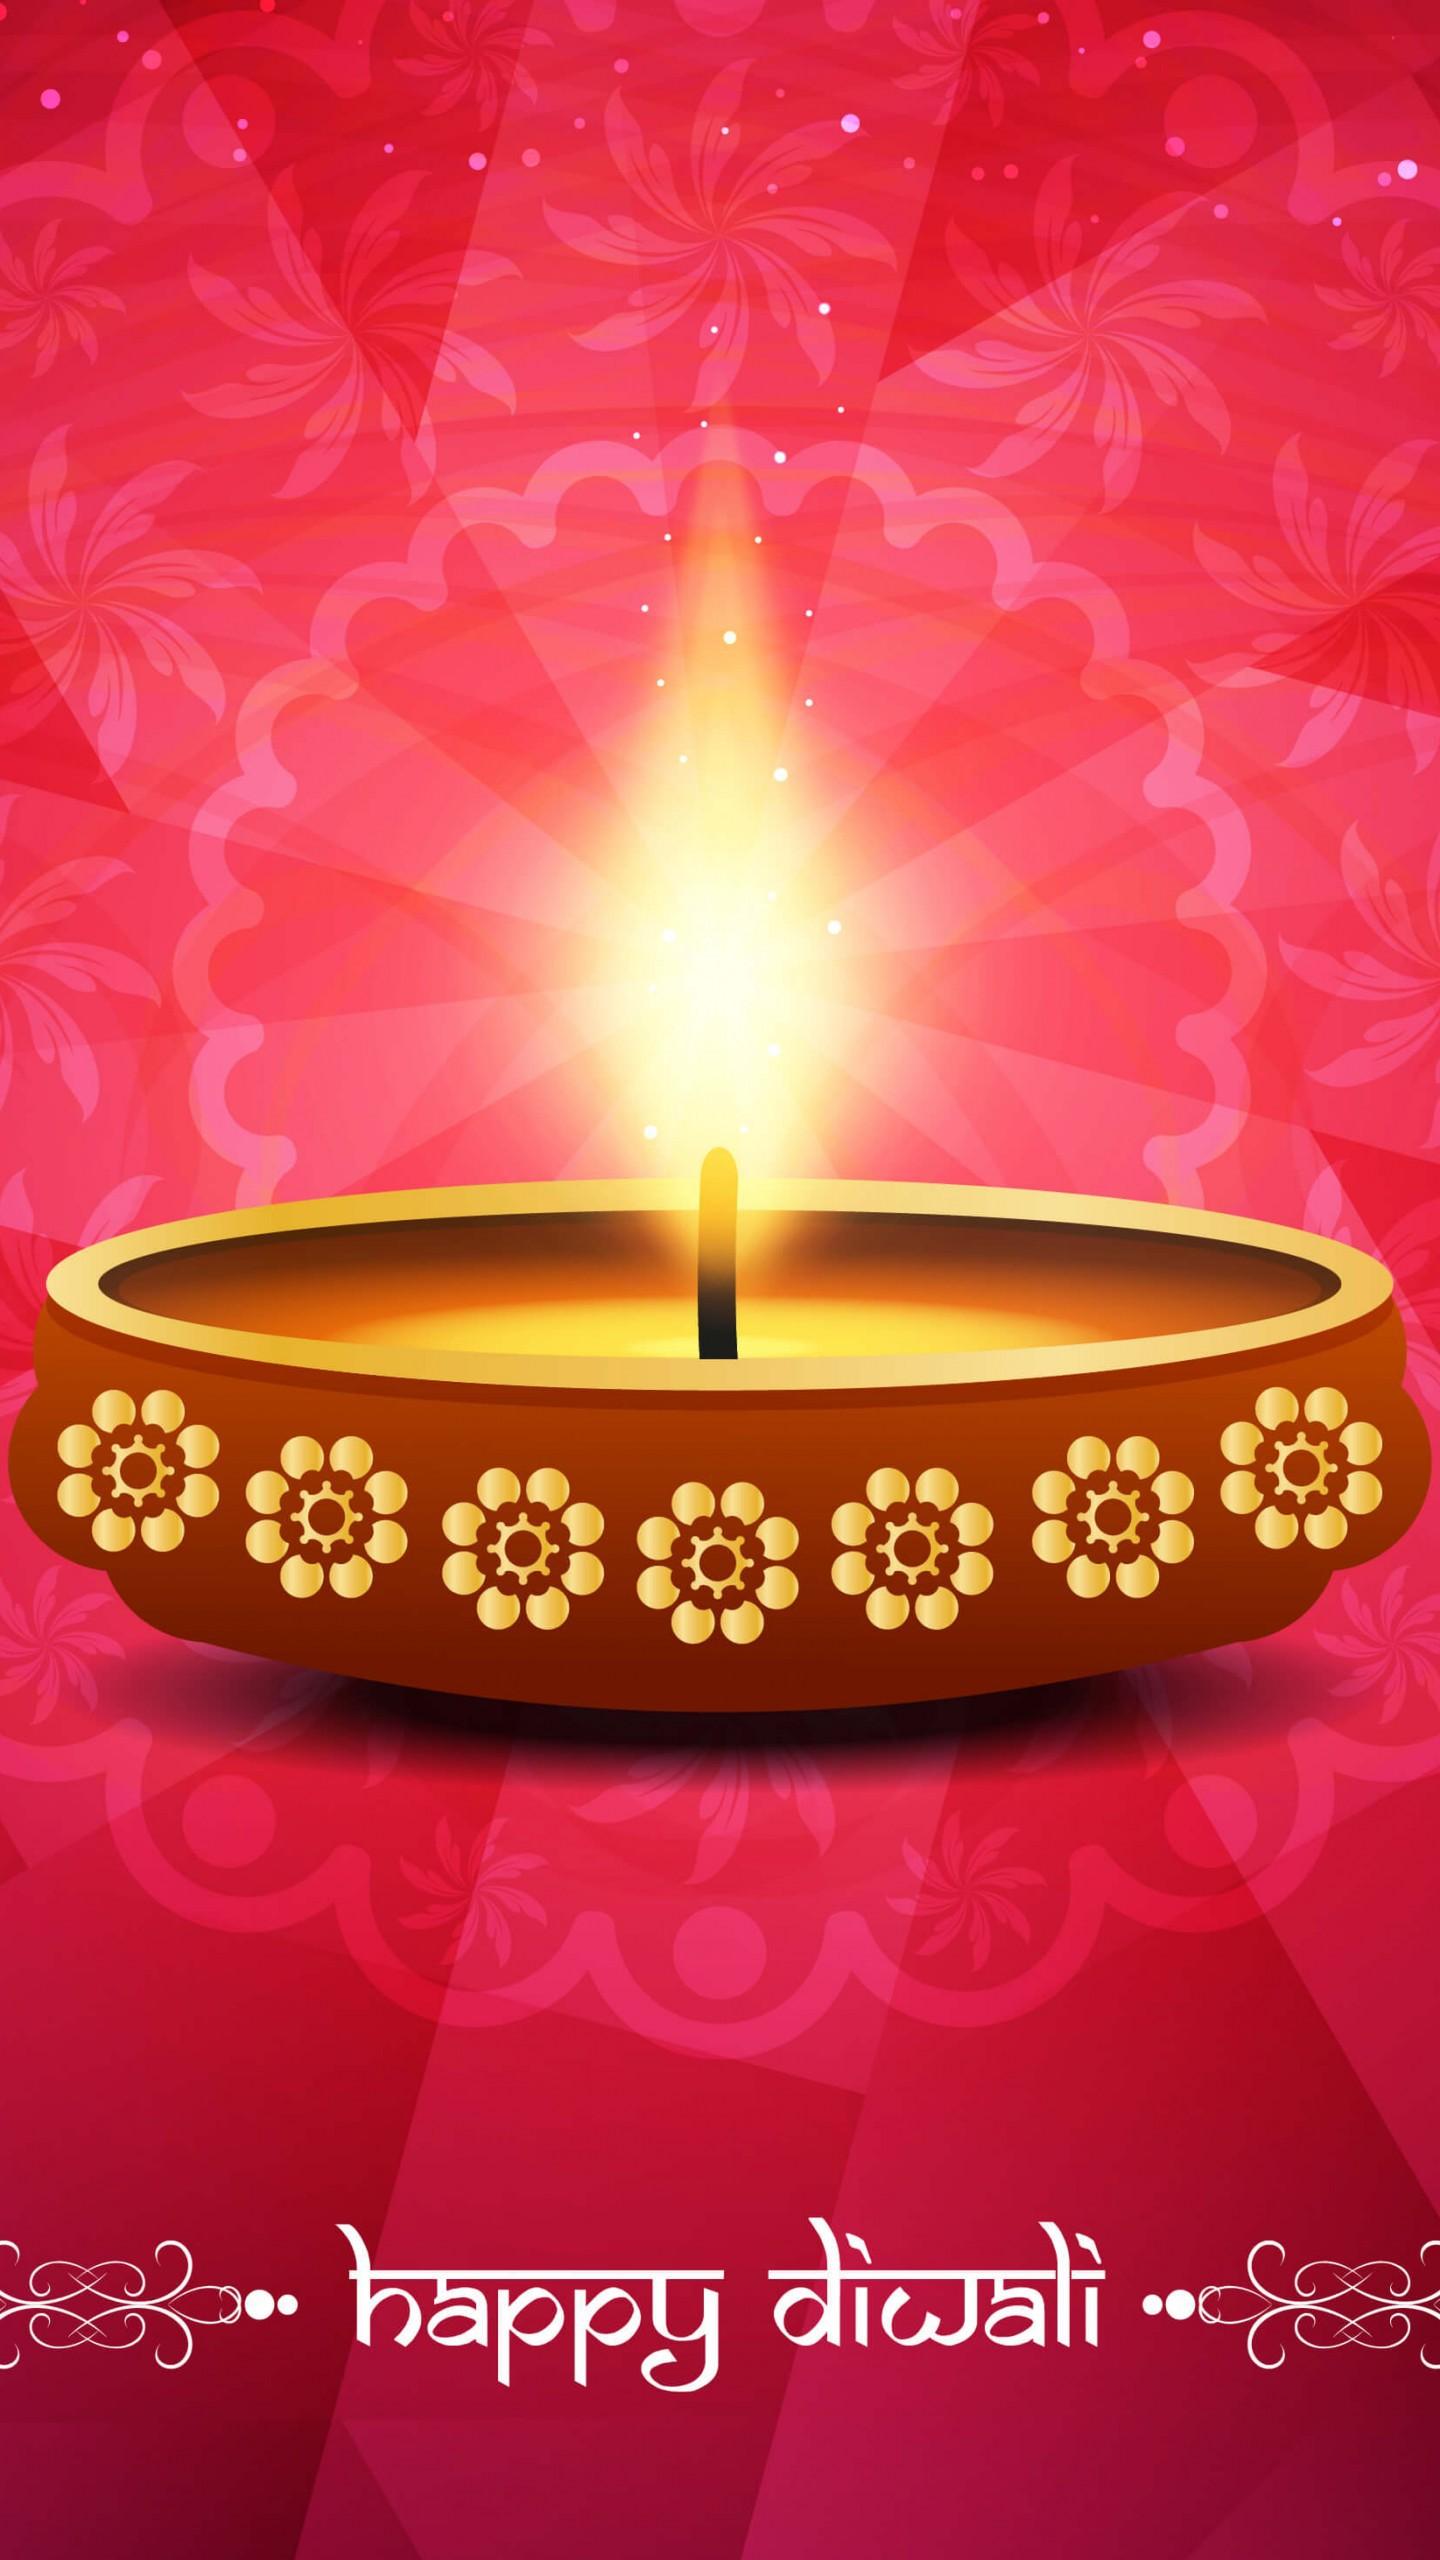 عکس زمینه شمع روشن در جشن های هندی پس زمینه